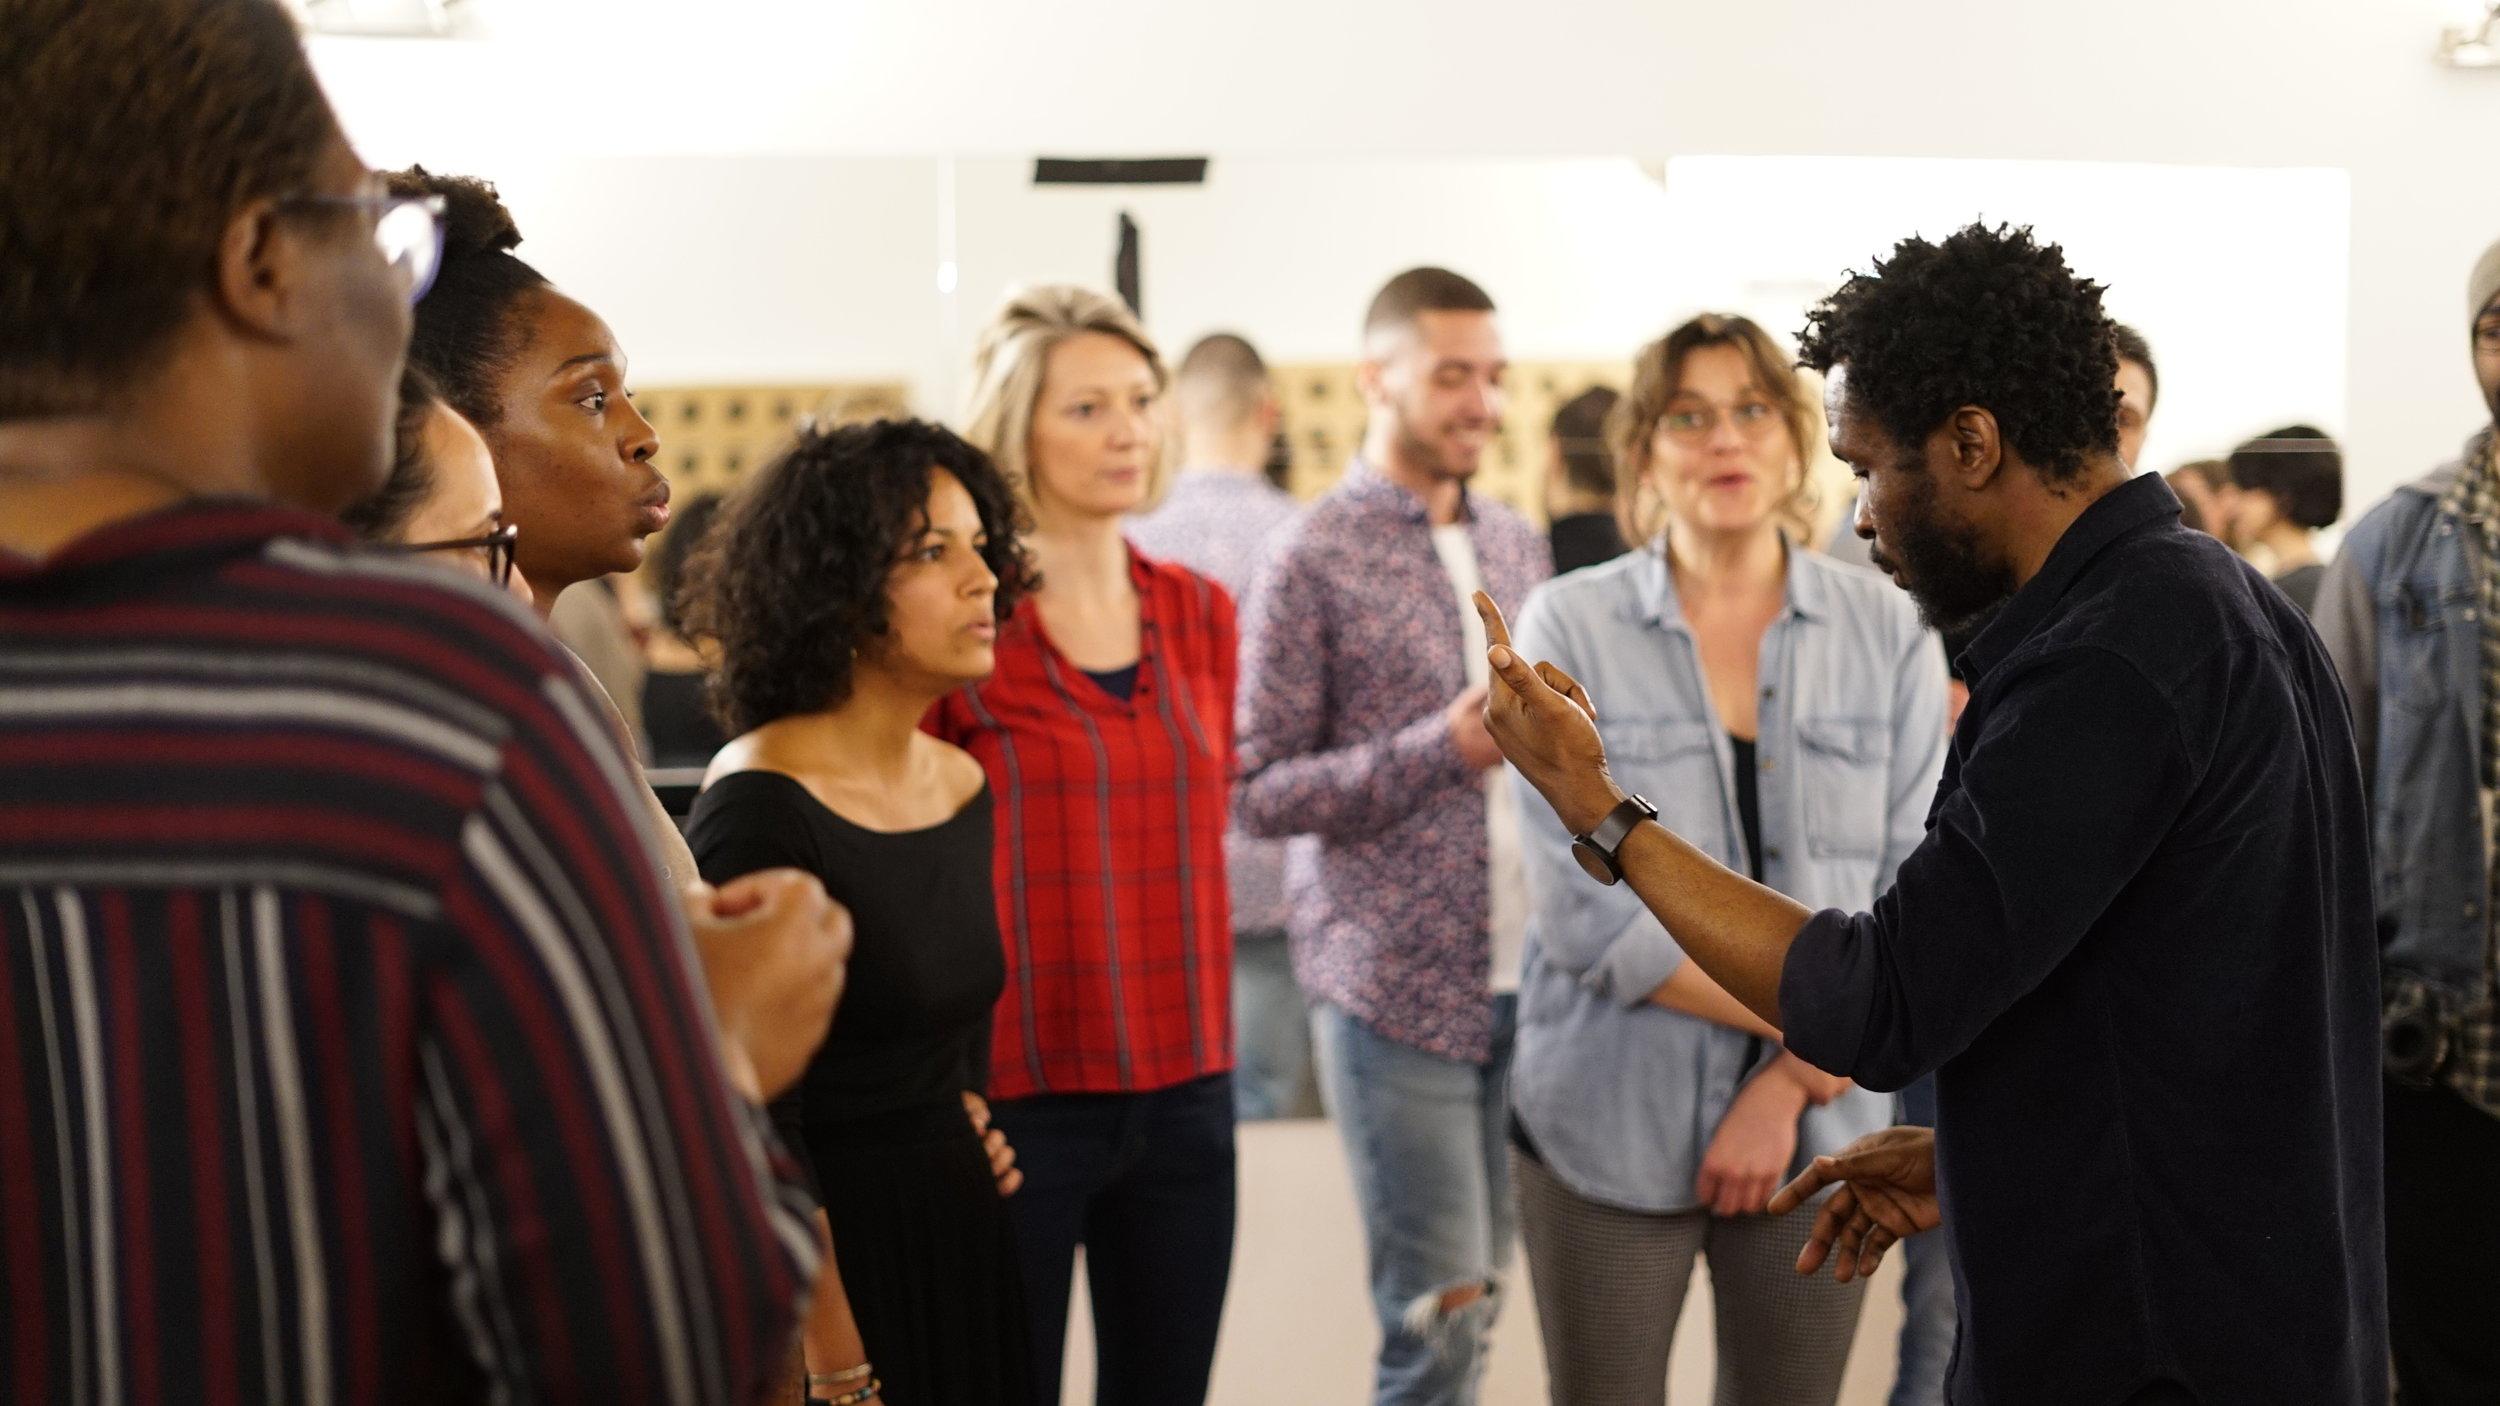 - Au programme, vous sera tout d'abord proposé une série d'exercices visant à maîtriser l'appareil vocal - placement du corps et du son, gestion de la respiration, expressivité vocale - suivie de la recherche d'un équilibre entre émotion et performance lors de l'apprentissage d'un chant gospel.